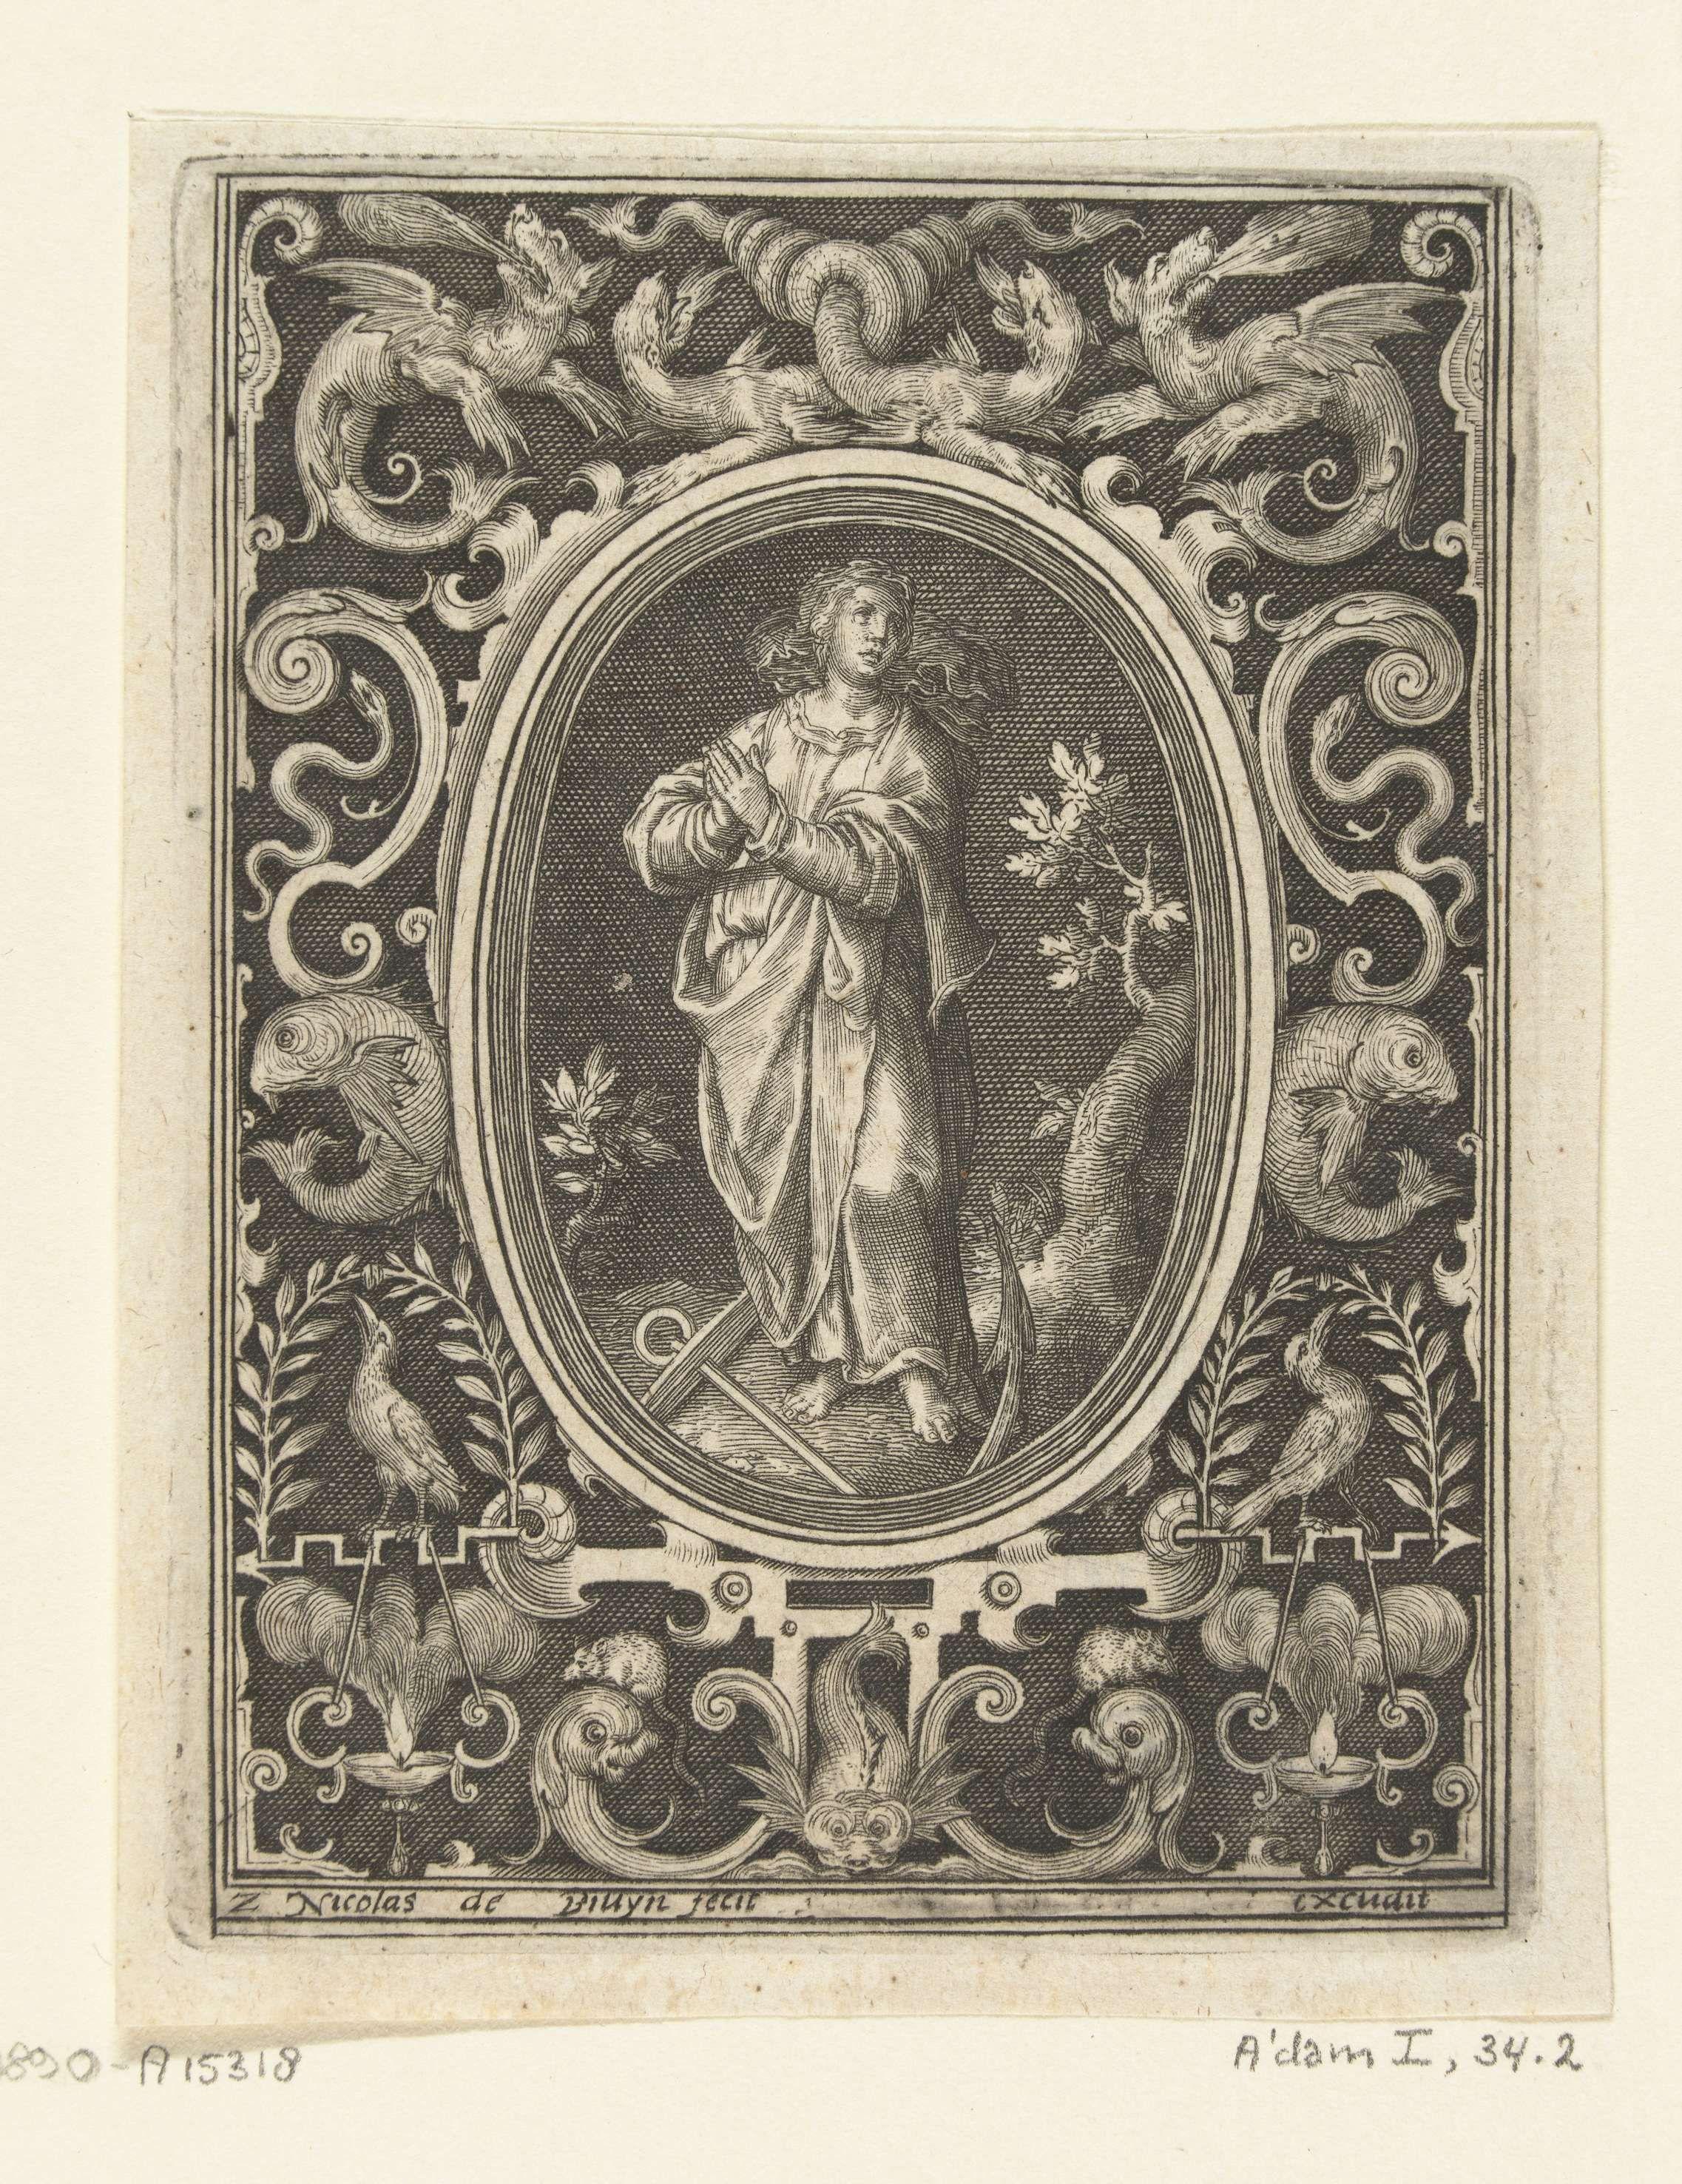 Nicolaes de Bruyn | Vlakdecoratie met Spes, Nicolaes de Bruyn, 1581 - 1656 | Blad 2 van serie van 4 genummerde bladen met vlakdecoraties. Spes, personificatie van de Hoop, staand in ovaal. In de omlijsting midden boven vier draken waarvan twee met in elkaar gedraaide staarten. Gearceerde achtergrond.